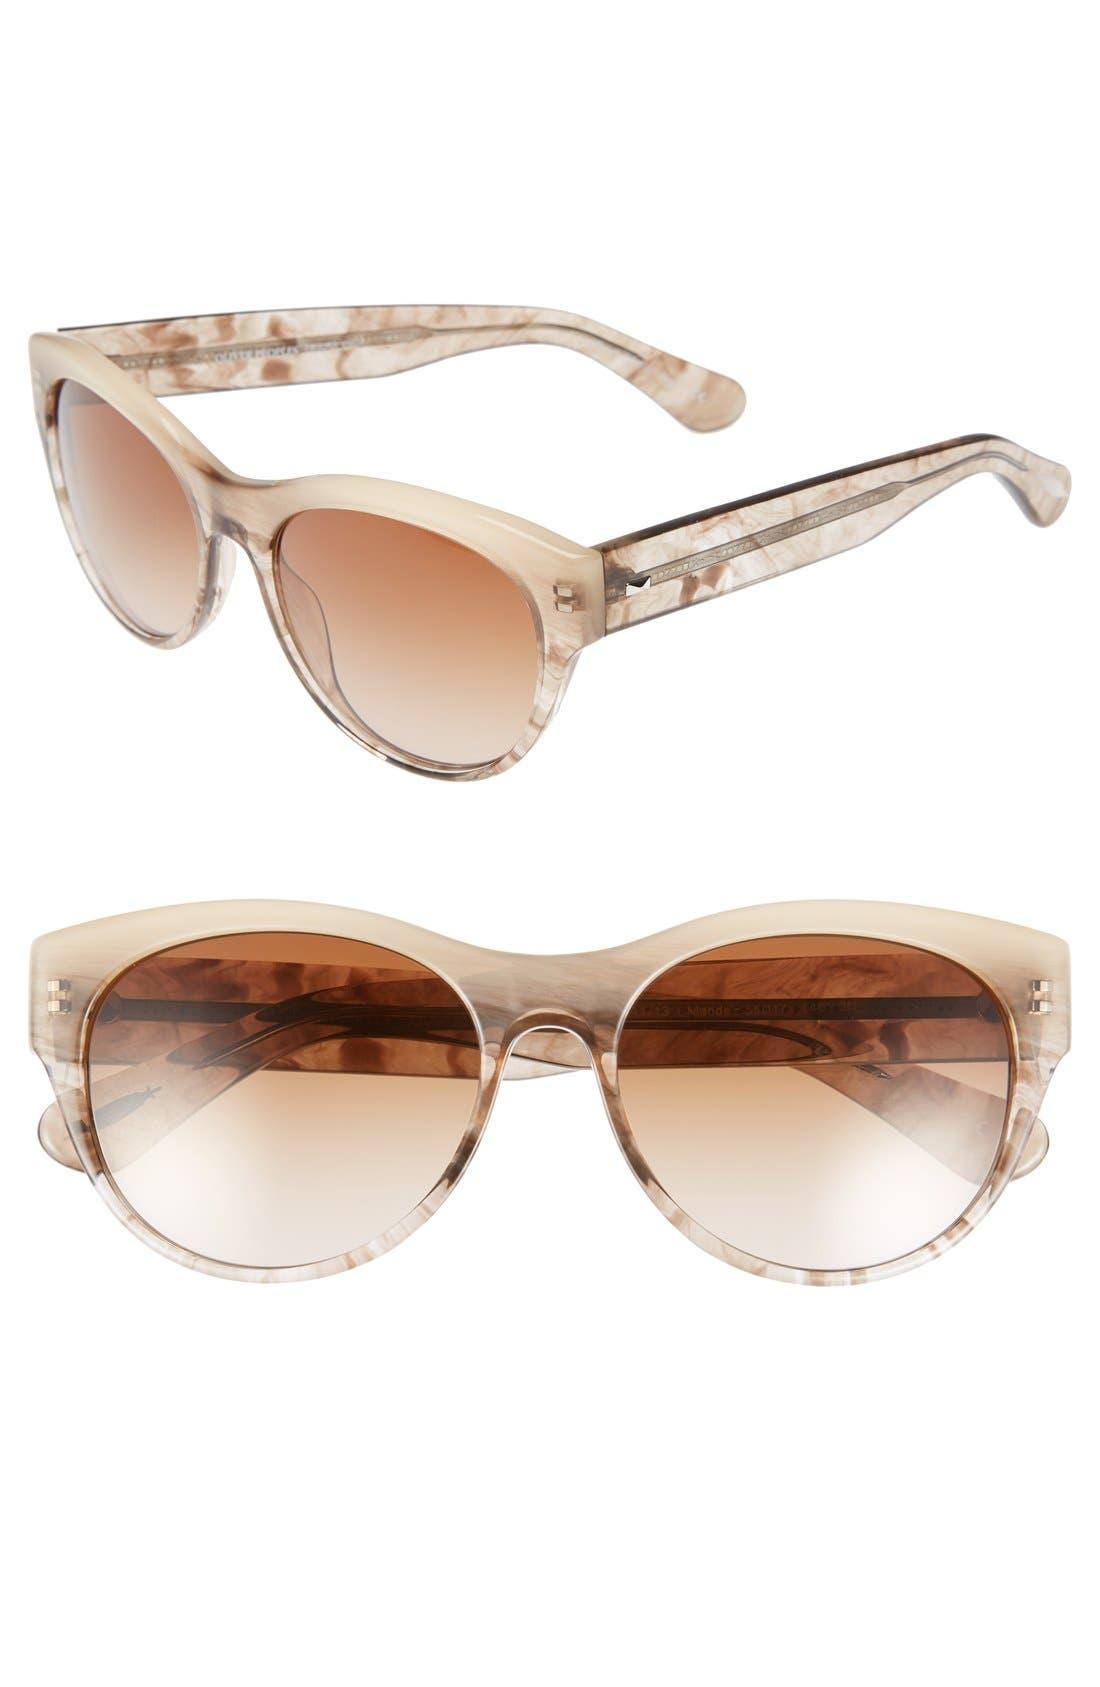 Alternate Image 1 Selected - Oliver Peoples 'Mande' 55mm Sunglasses